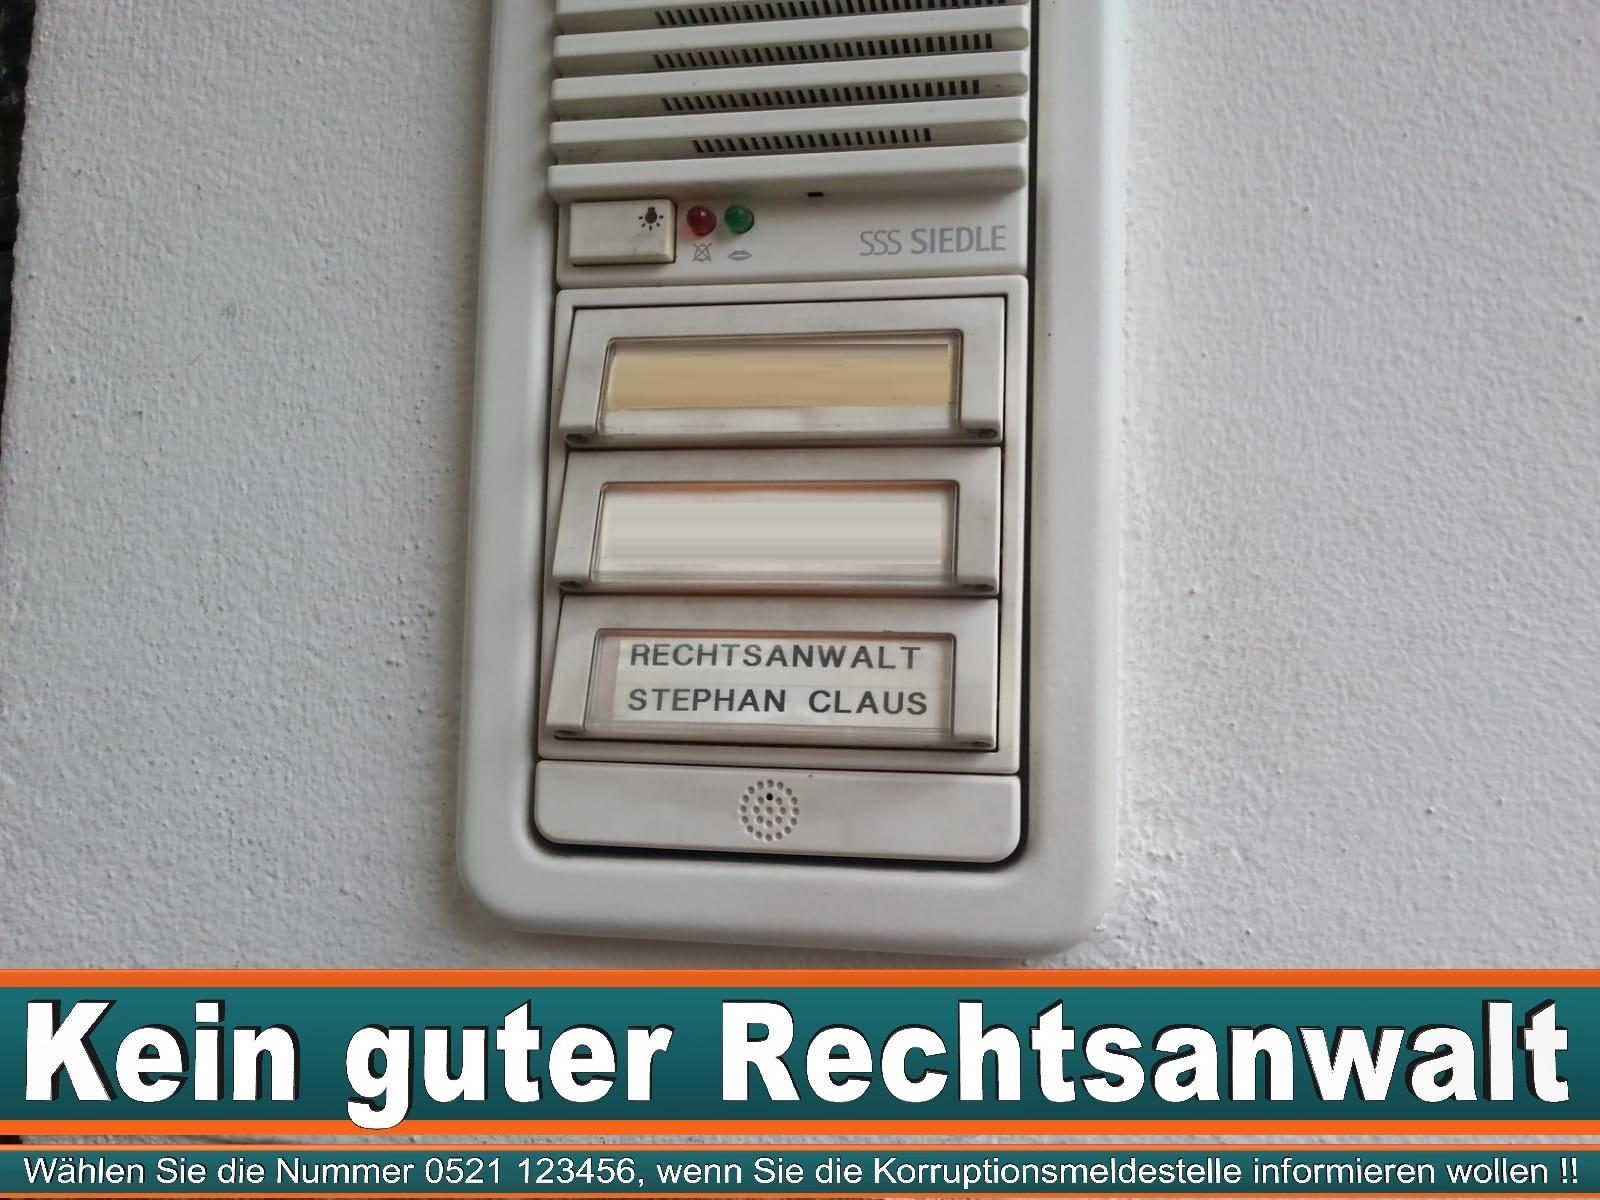 Rechtsanwaltskanzlei Stephan Claus Marienstrasse 2 Neustadt Rechtsanwalt Stephan Claus 0 (5)